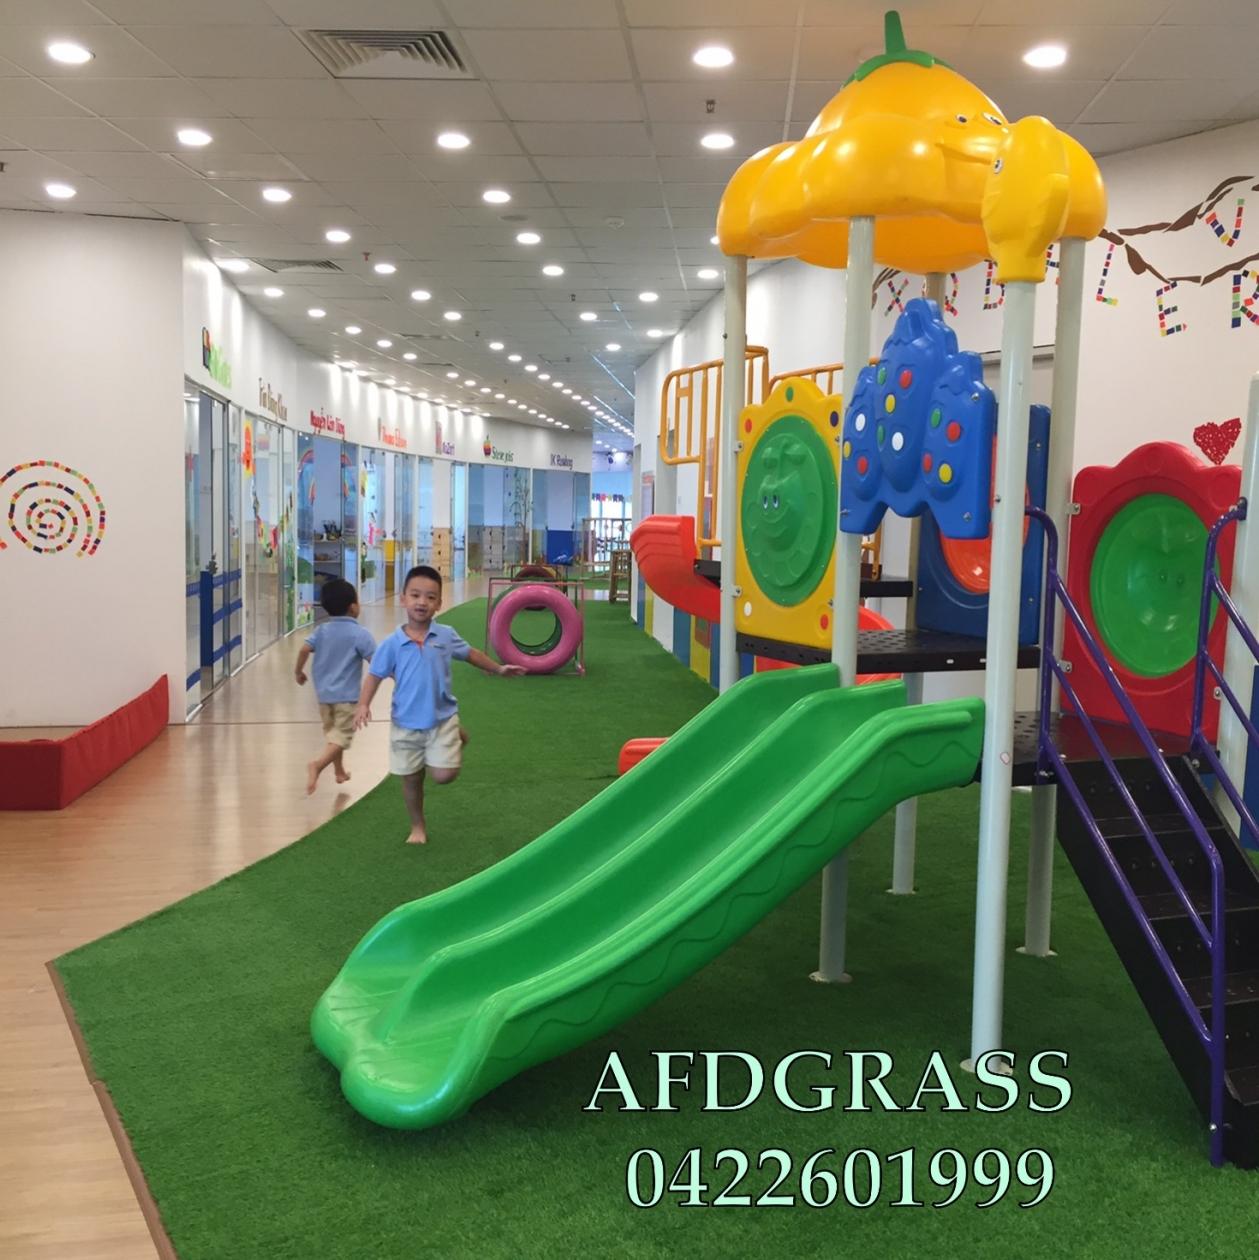 THI CoNG CoNG Co SaN VuoN TRuoNG GOLDEN KISD LONG BIeN _ocqAU → Công ty AFD grass